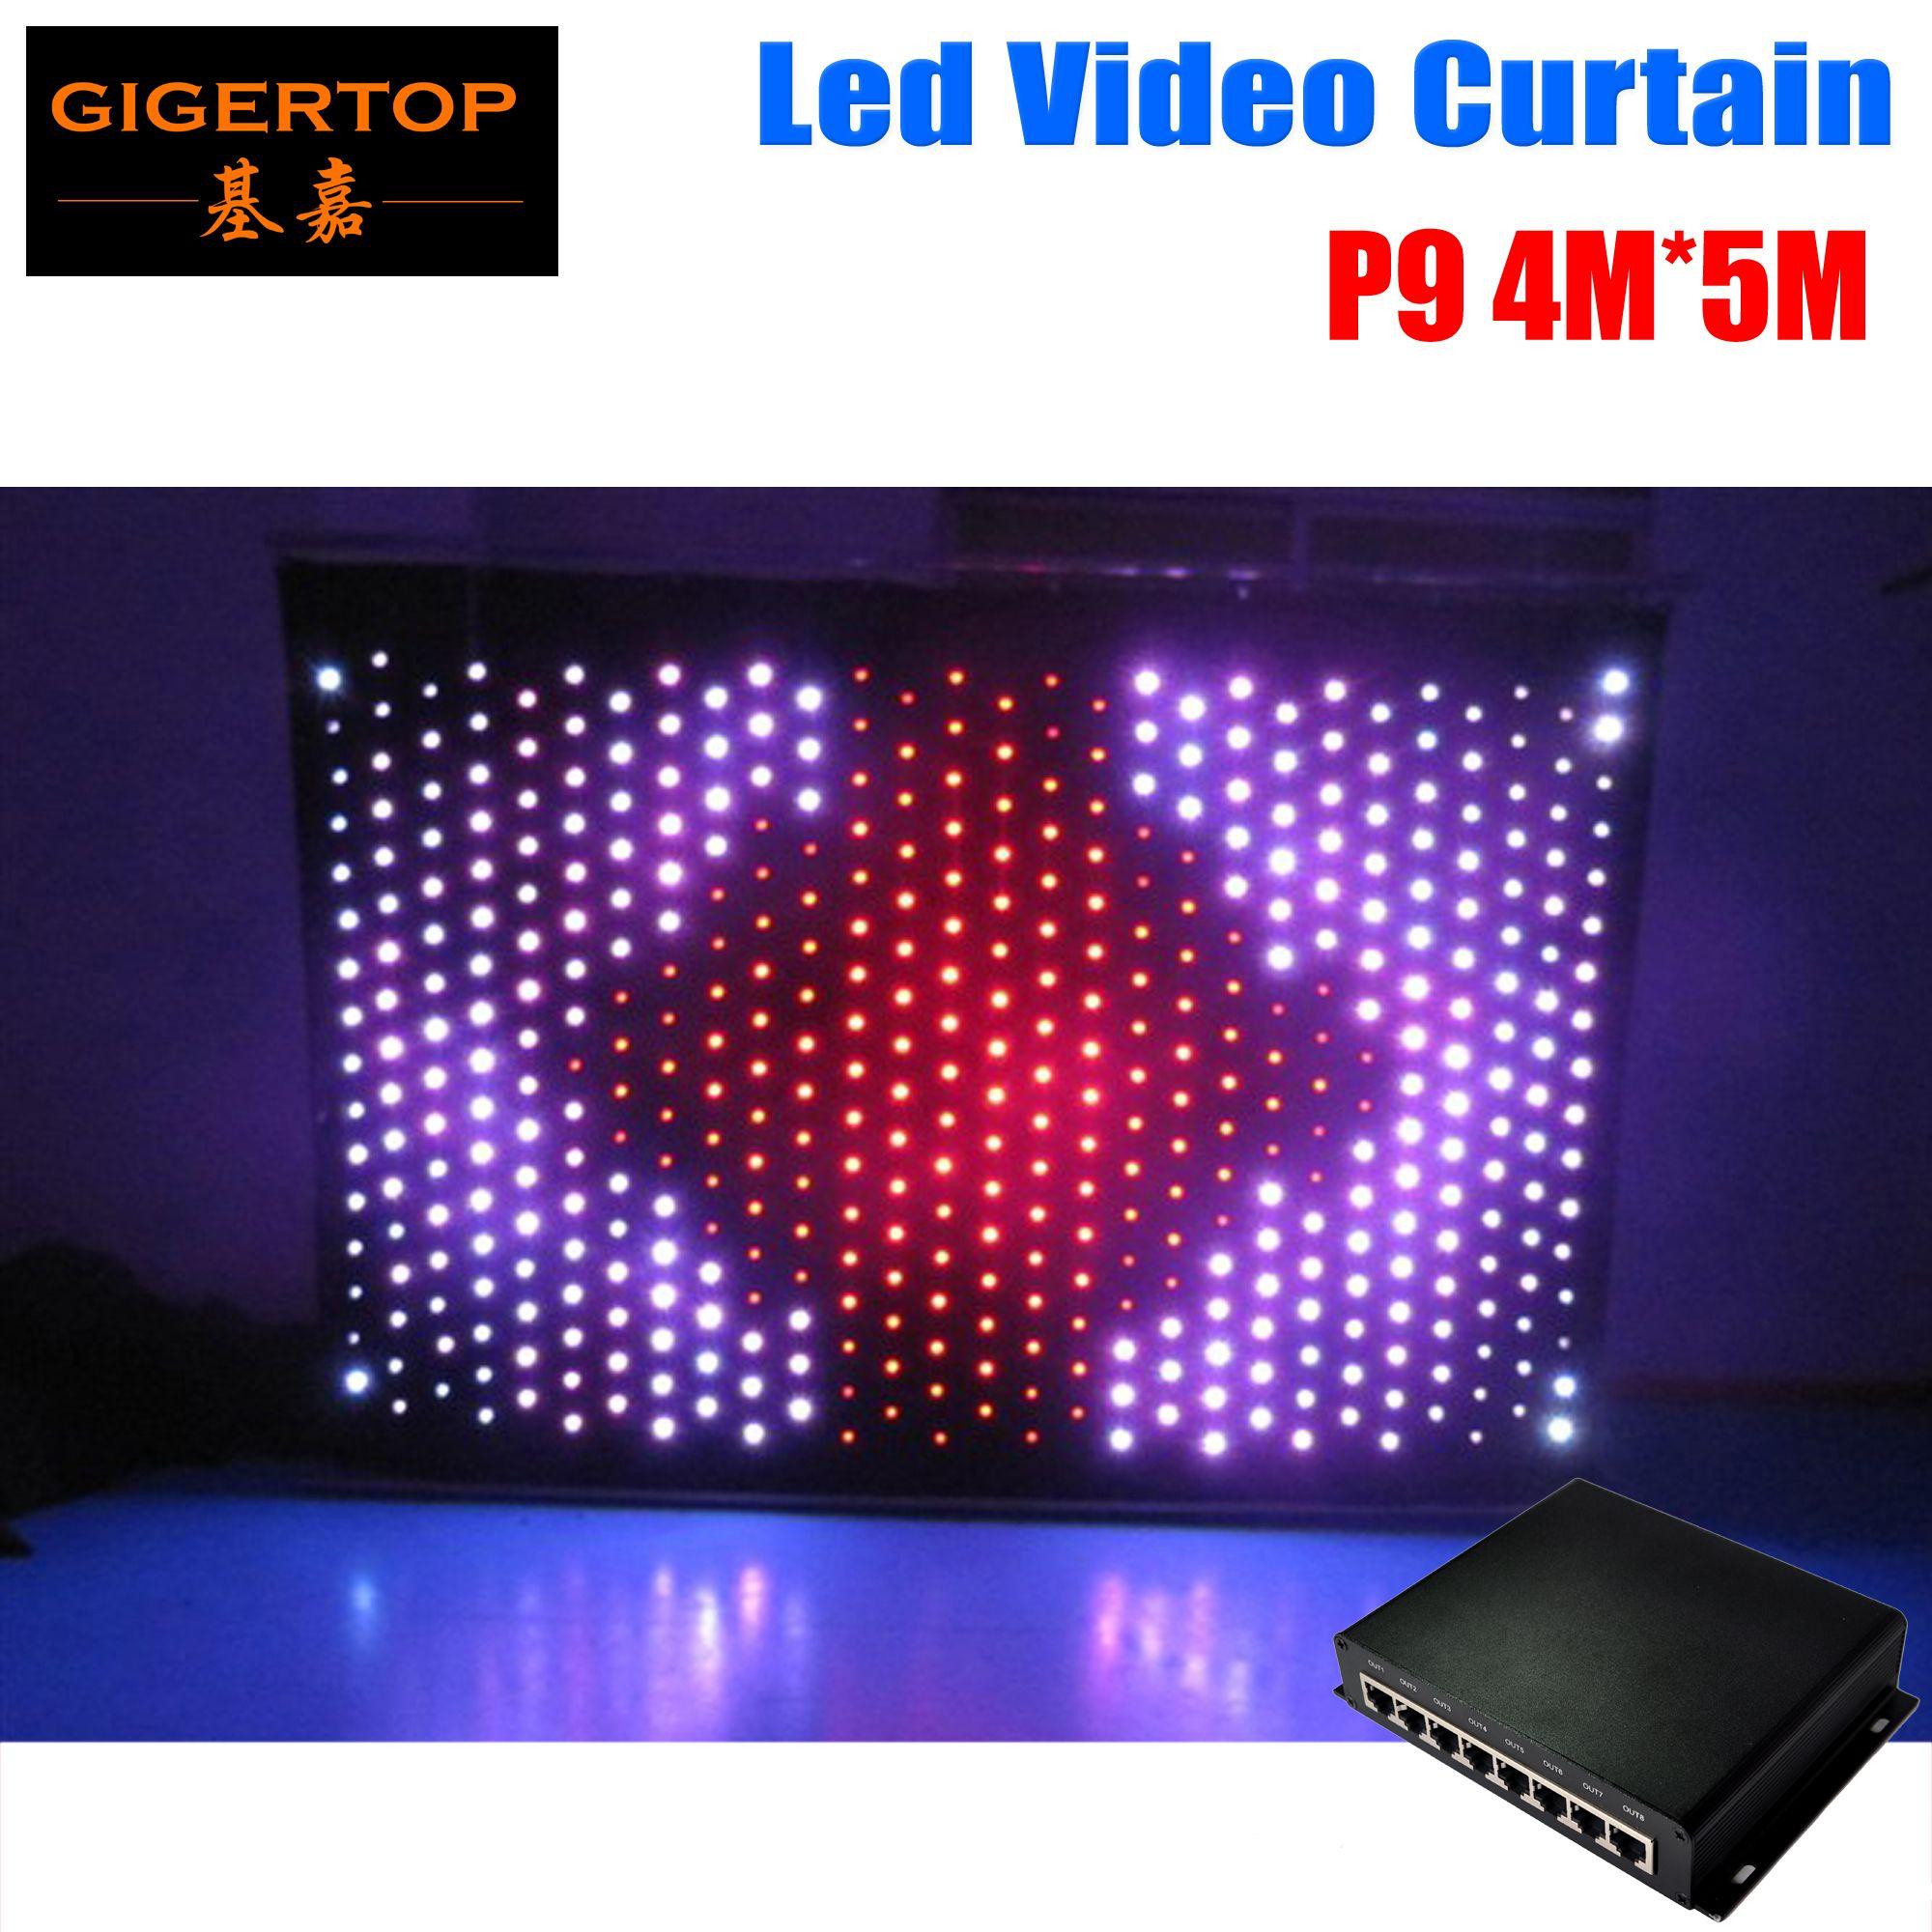 P9 4M * 5M PC Mode 2420pcs LED Rideau Vidéo Livraison Gratuite DJ Stage de Fond avec en ligne PC dmx contrôleur de Rideau De Mariage Backdrops